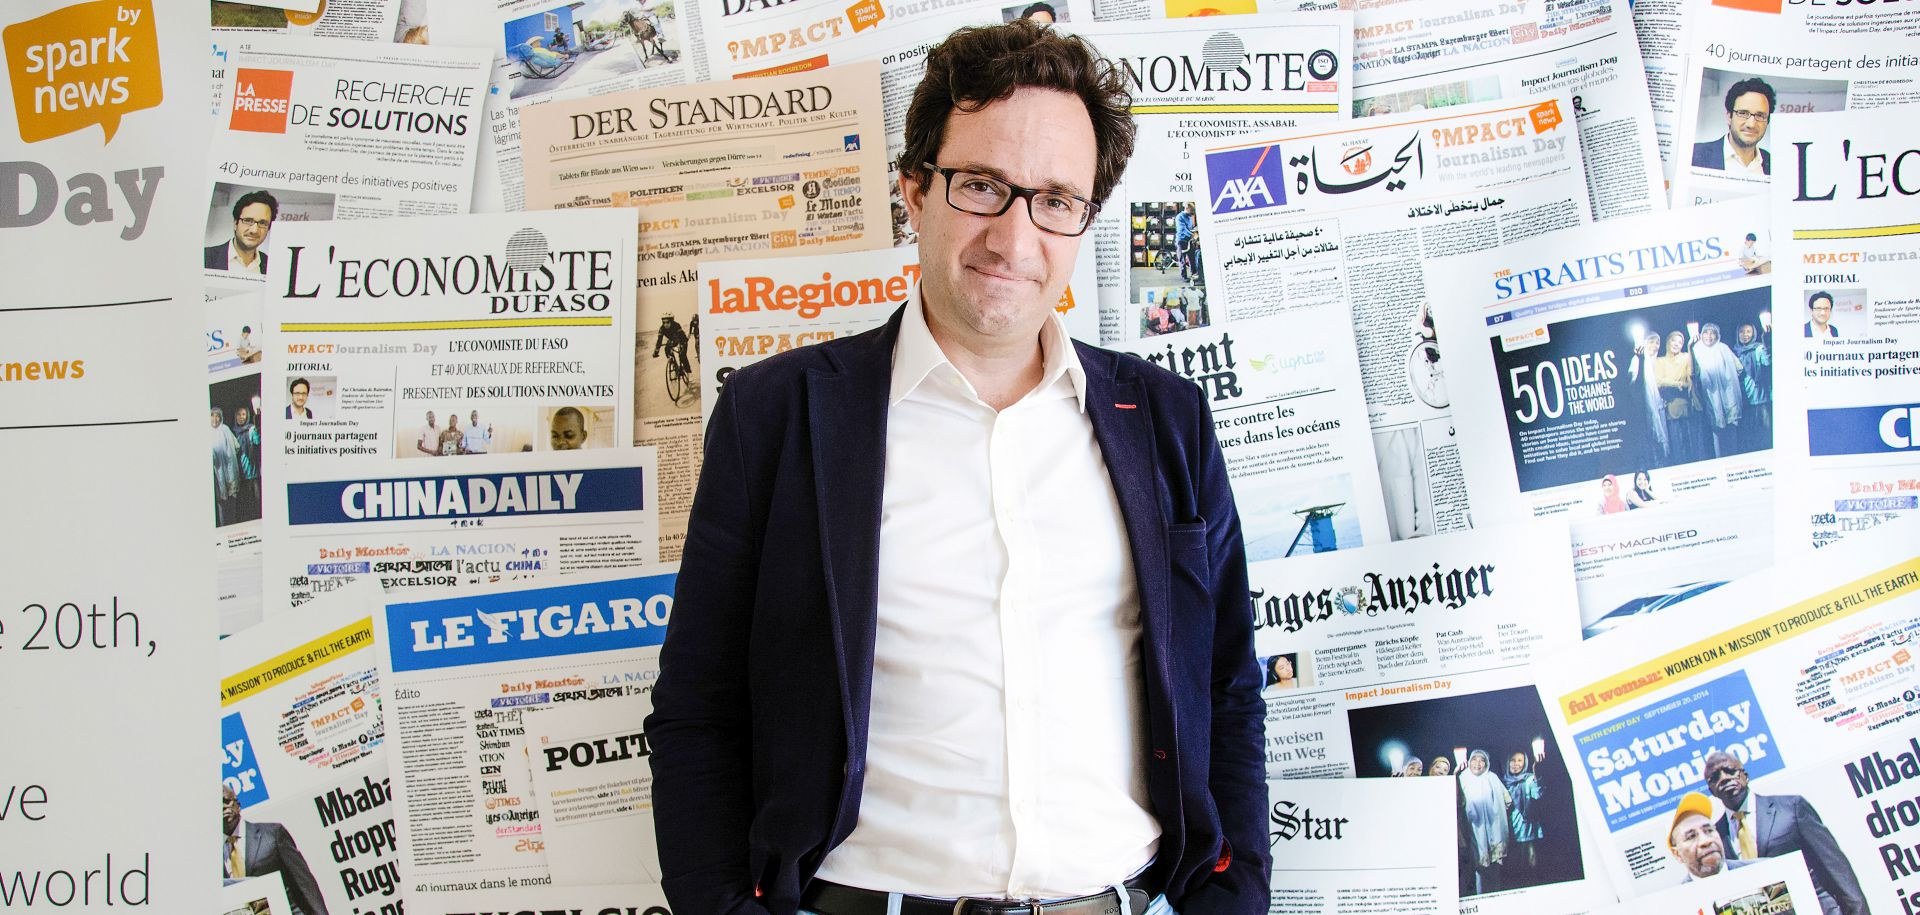 Christian de Boisredon, Gründer von Sparknews und Impact Journalism Day.